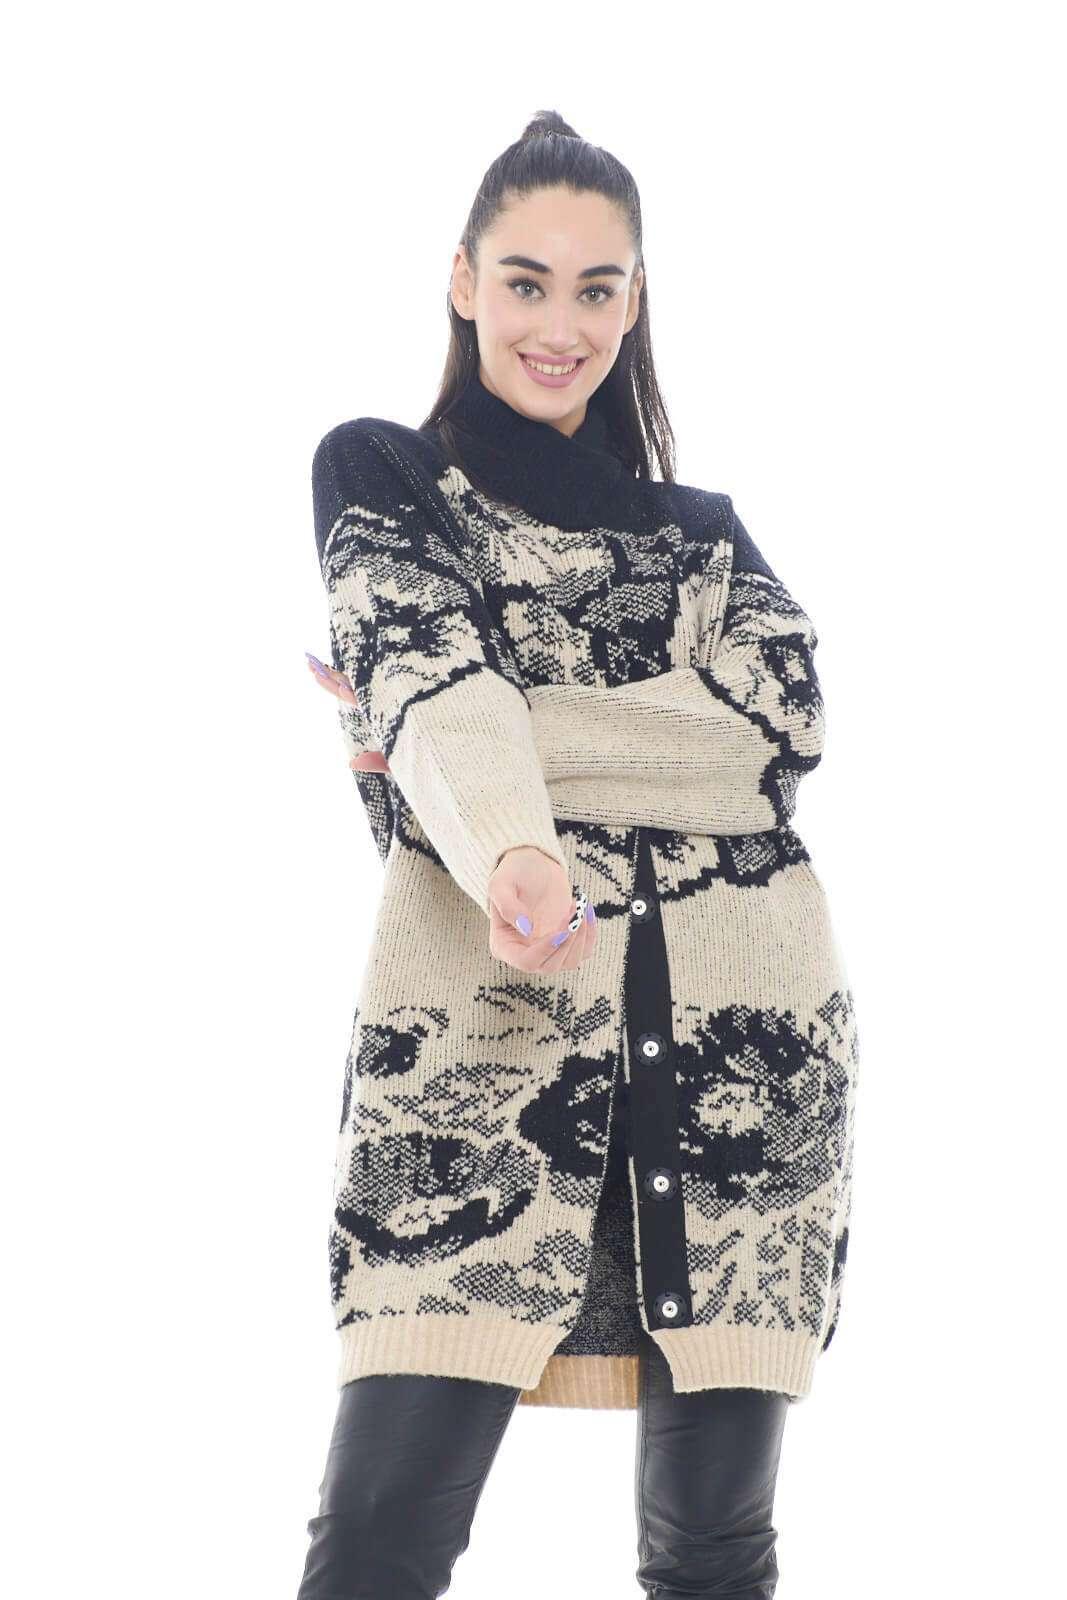 Un'icona di stile per il cappotto proposto firmato dalla collezione autunno inverno di Twinset Milano. Il tessuto in maglia e la fantasia jacquard caratterizzano il look per un effetto metropolitano. D a indossare con un pantalone in pelle o un jeans è adatto sia con stivali che sneakers.